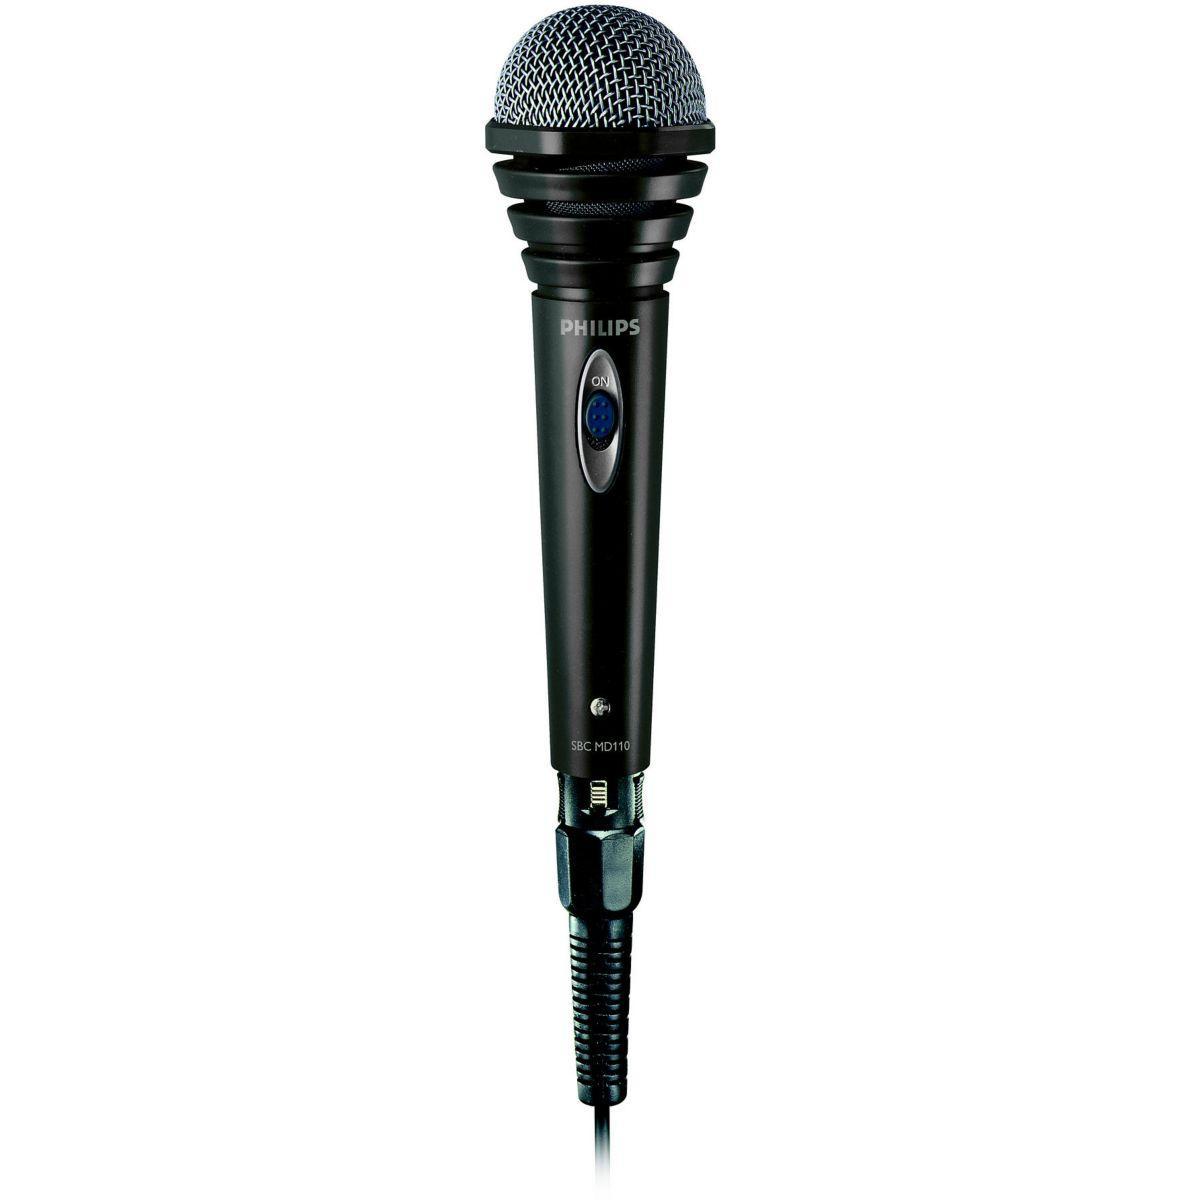 Microphone philips sbc md110/00 (de voix) - 20% de remise immédiate avec le code : multi20 (photo)